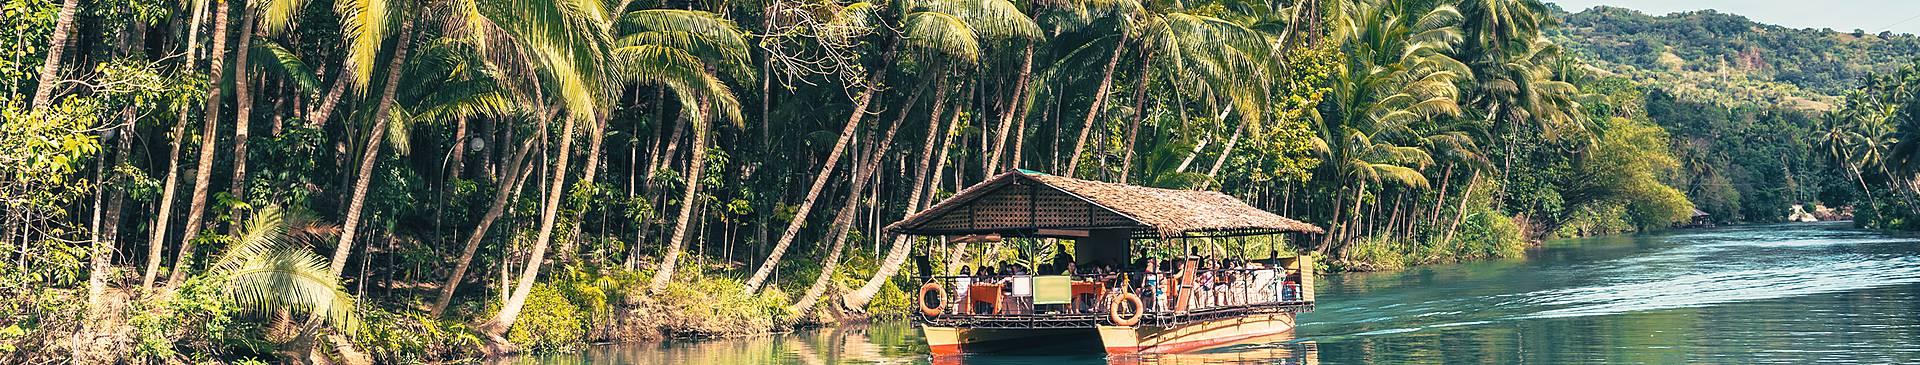 Philippines river cruises